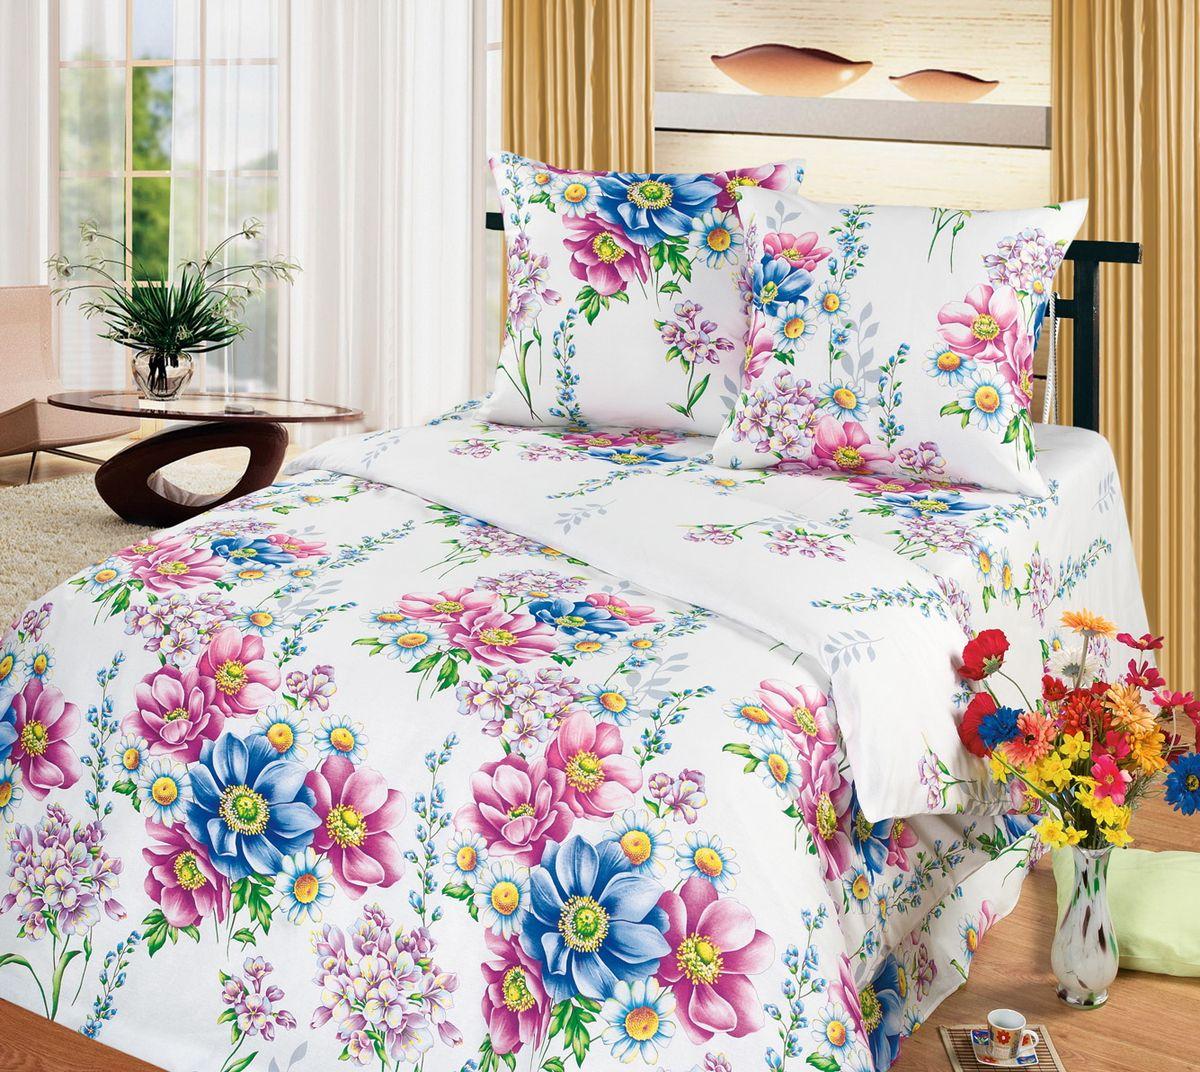 Комплект белья Cleo Акварель, 2-спальный, наволочки 70x7020/309-BКоллекция постельного белья из бязи CLEO – это классика сна. Вся коллекция выполнена из 100% хлопка, т.е. во время сна будет комфортно в любое время года! Благодаря пигментному способу нанесение печати, даже после многократных стирок (деликатный режим), постельное белье сохраняет свой первоначальный вид.Постельное белье из бязи имеет ряд уникальных свойств: экологичность, гипоаллергенность, благодаря особому способу переплетения нитей в полотне, обеспечивается особая плотность ткани, что делает ее устойчивой к износу, сохраняется внешний вид на долгие годы, загрязнения прекрасно отстирываются любыми средствами, не садится, легко гладится, не накапливает статического электричества, благодаря составу из 100% хлопка, обладает исключительной терморегуляцией. Комплект состоит из пододеяльника, двух наволочек и простыни.